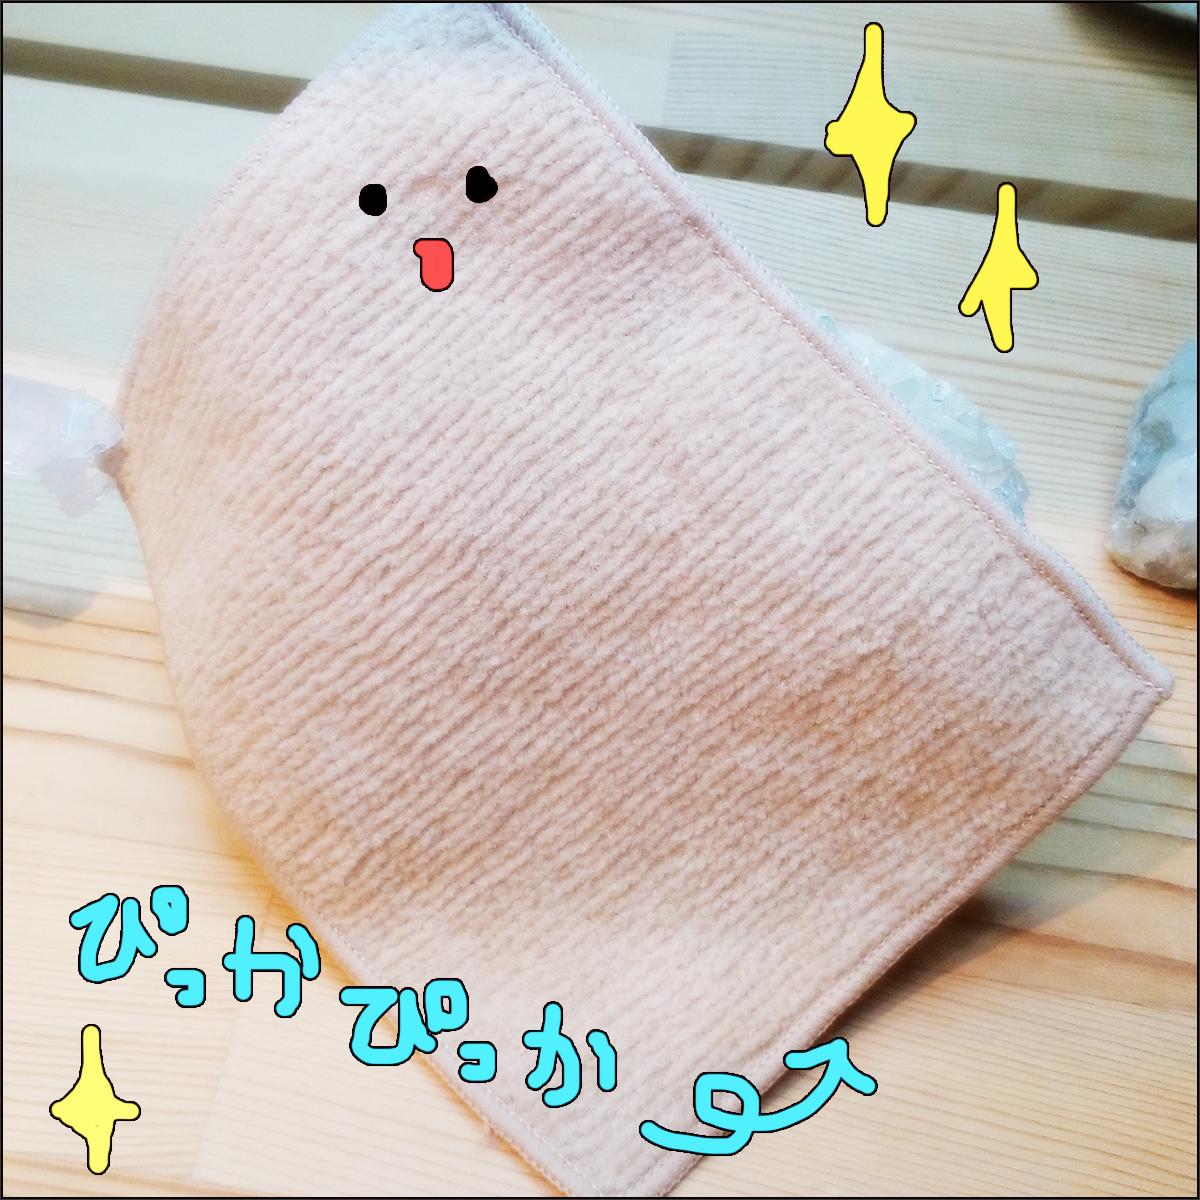 ぴかーん☆マイクロファイバー with こやっし☆